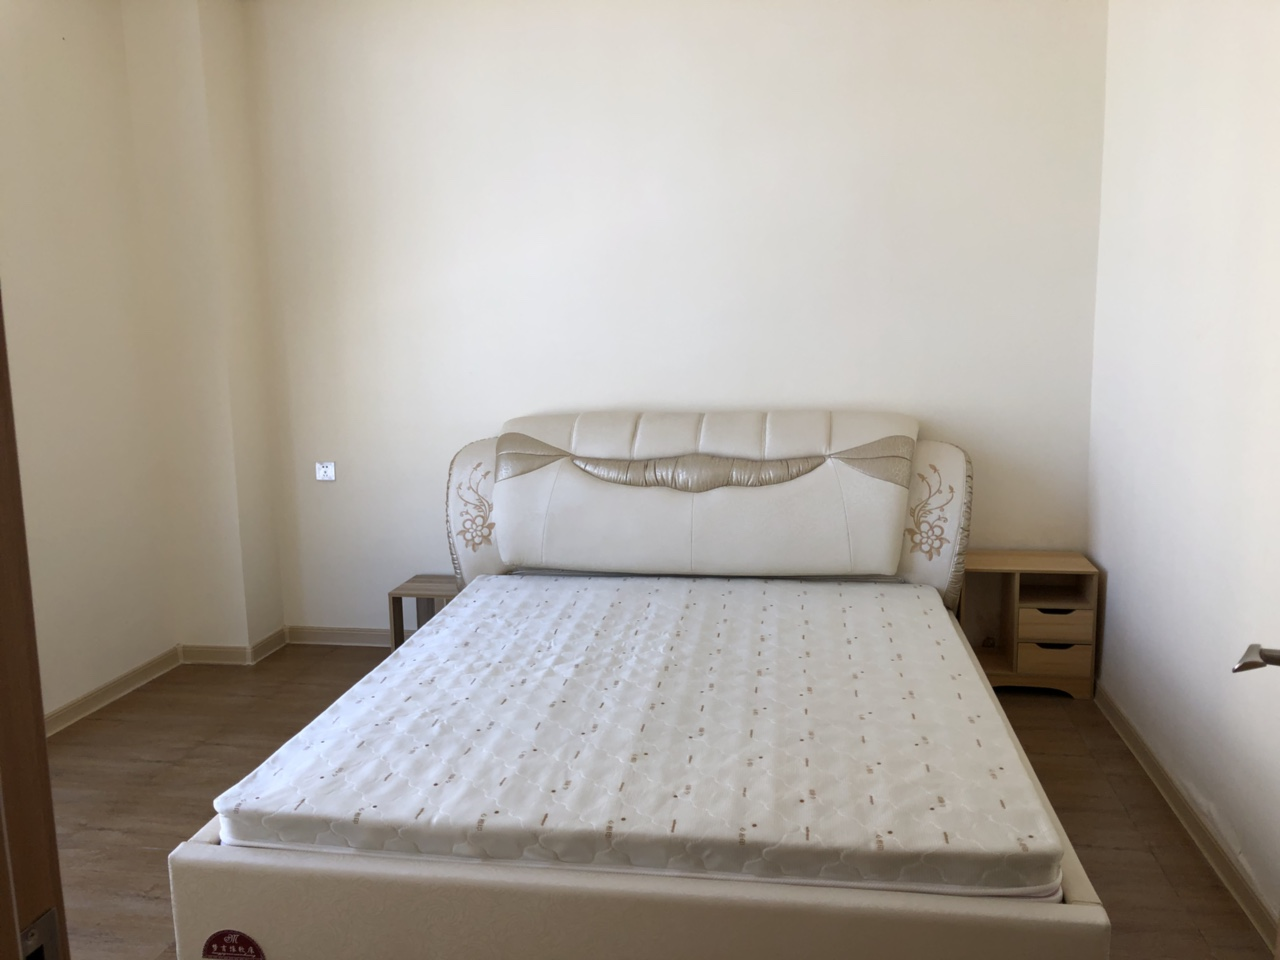 维斯登故居1室 1厅 1卫 1800